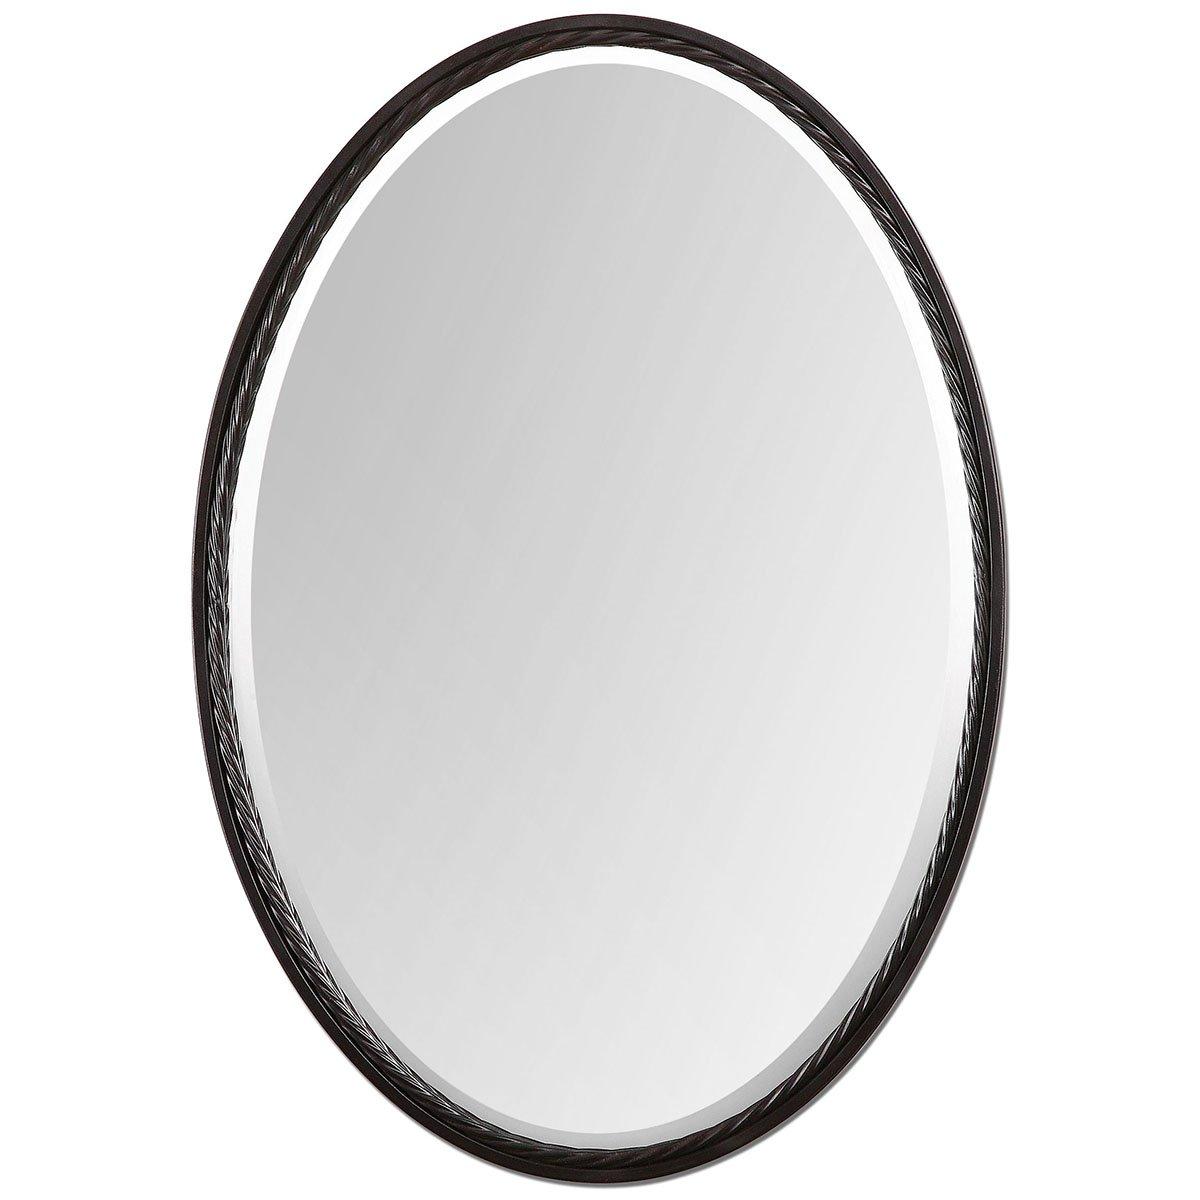 Amazon.com: Uttermost 01116 Casalina Oil Rubbed Oval Mirror, Bronze ...